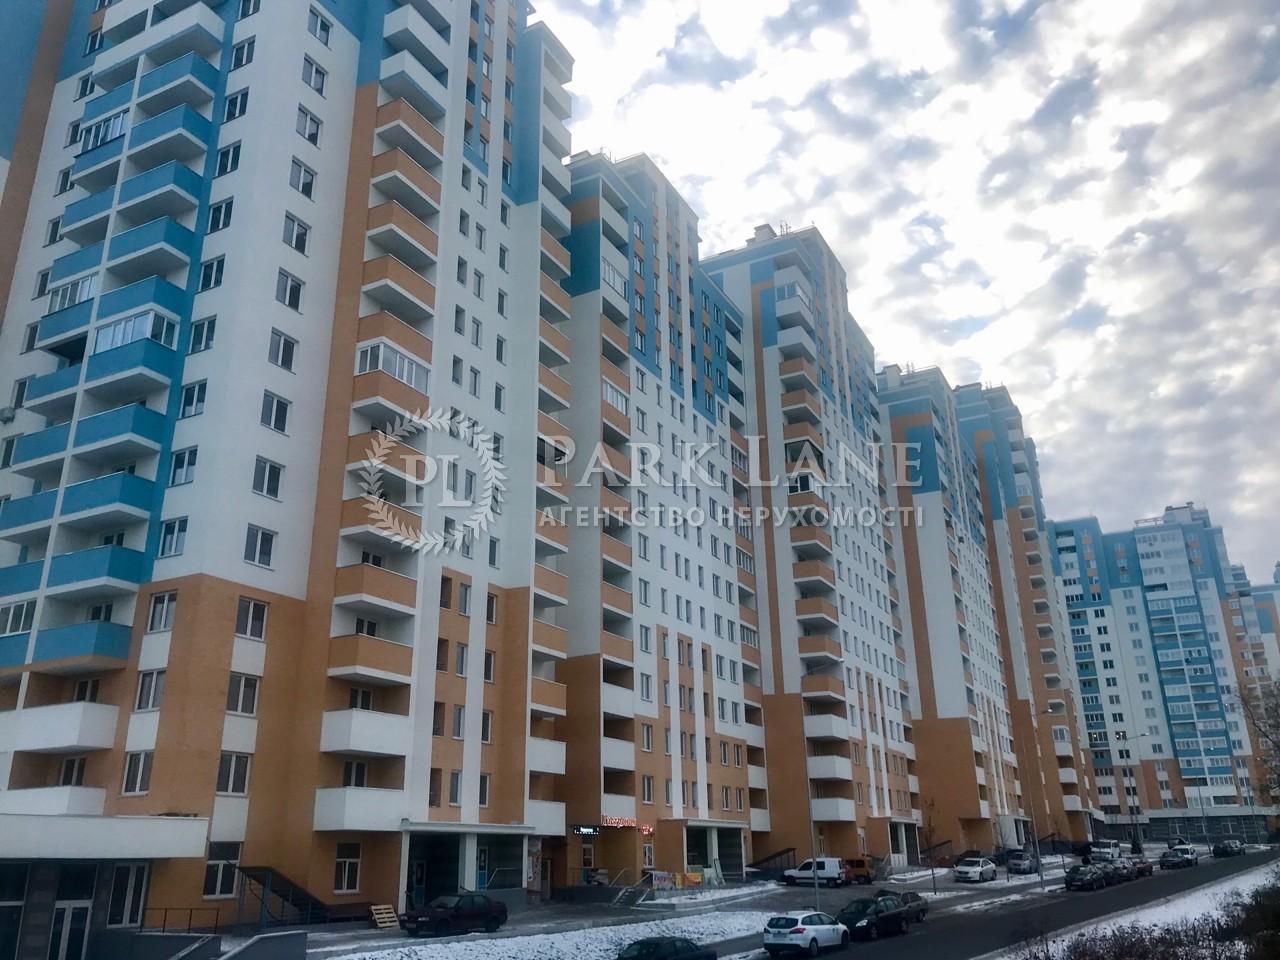 Novomostitsko-Zamkovetskyi